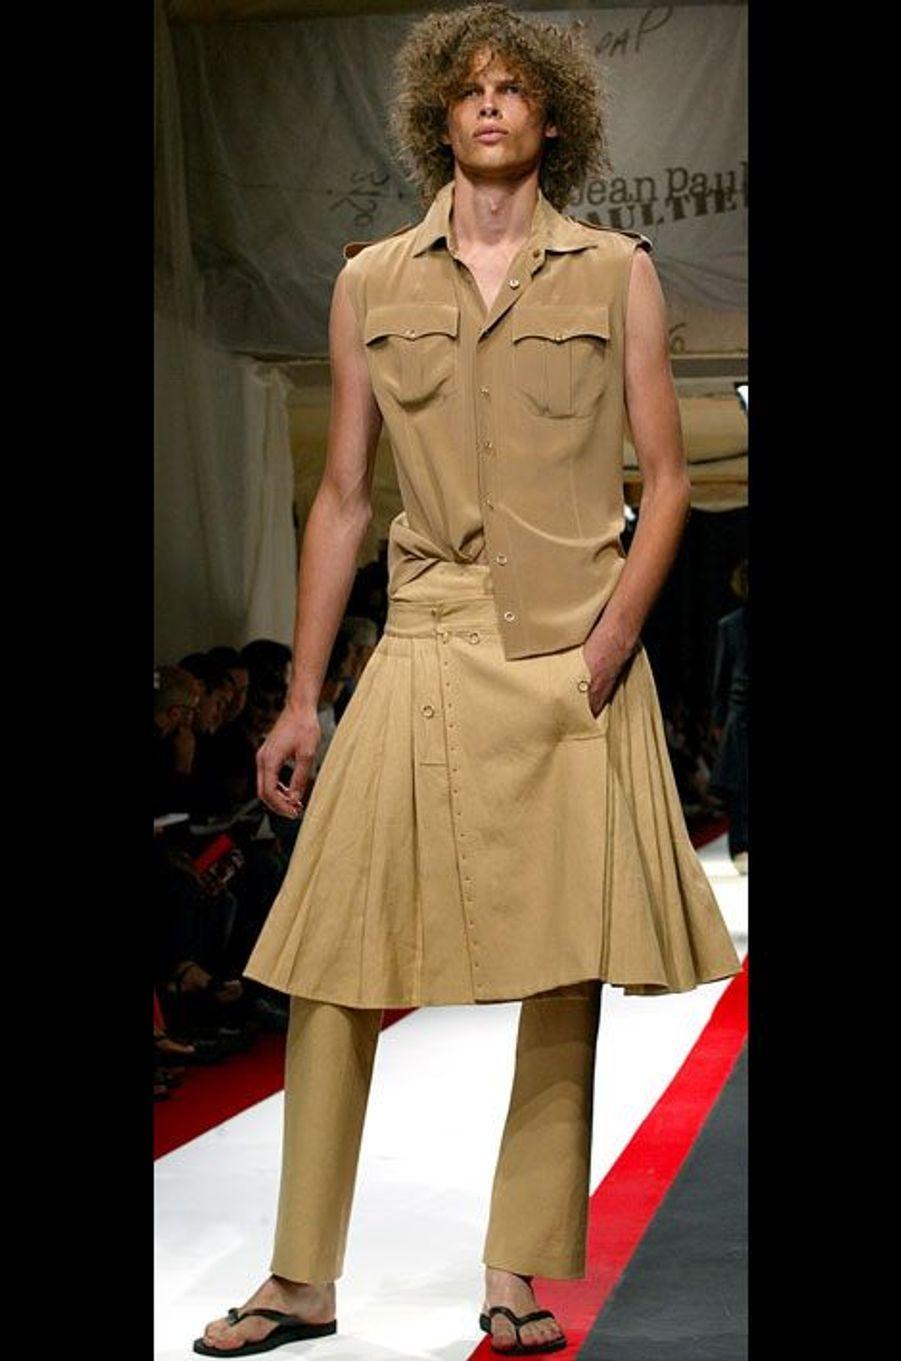 Un homme en jupe, au défilé Printemps-Eté 2003